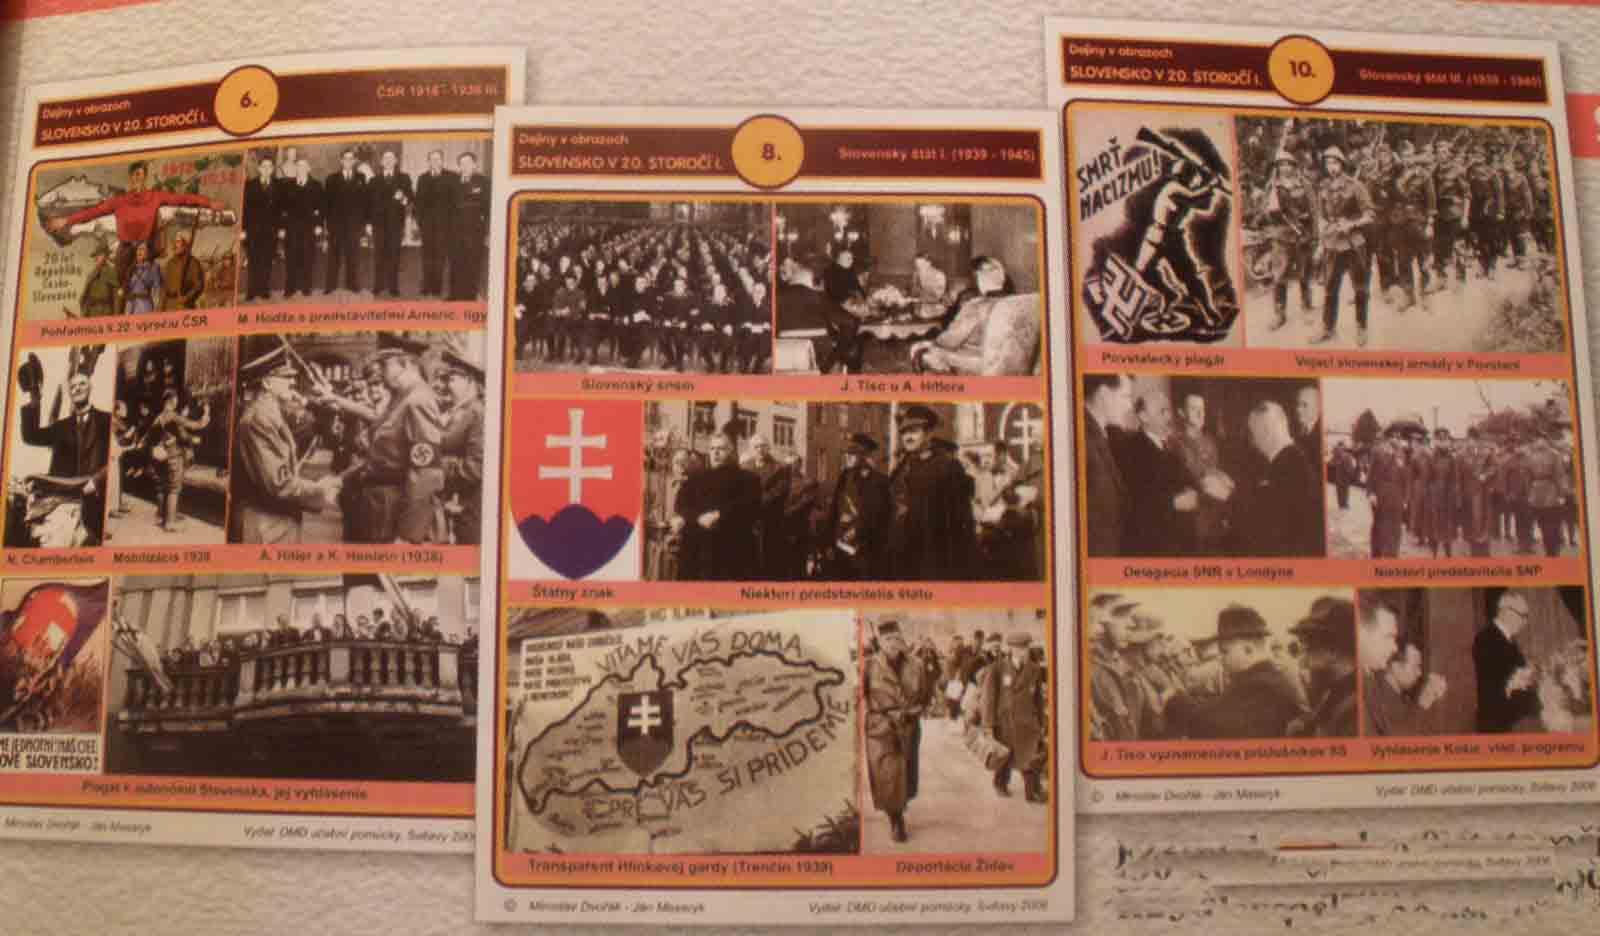 Slovenské dejiny 20. st. (1914-1993) – kart. obrazy